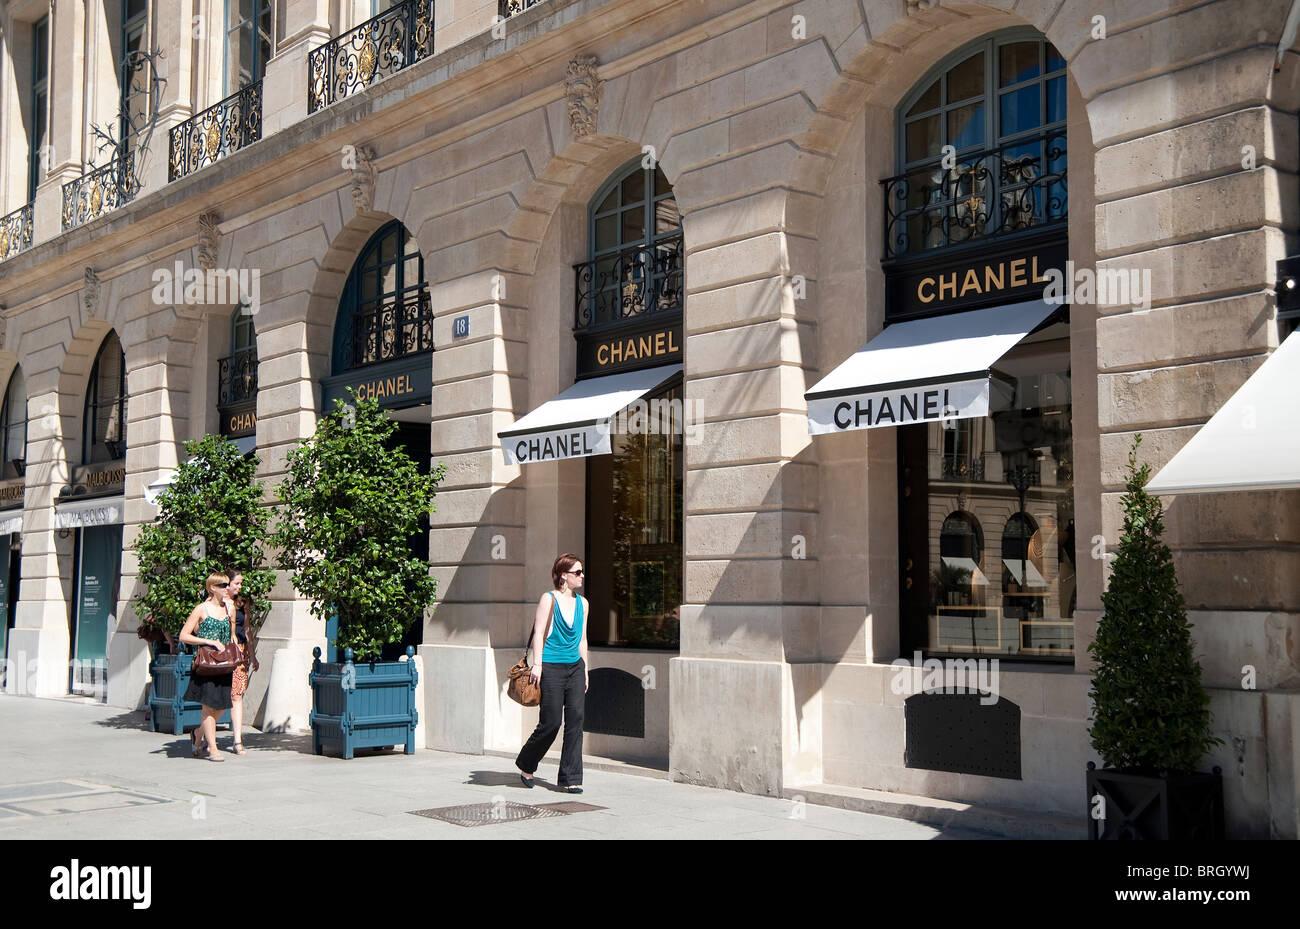 Chanel Boutique In Place Vendome Paris France Stock